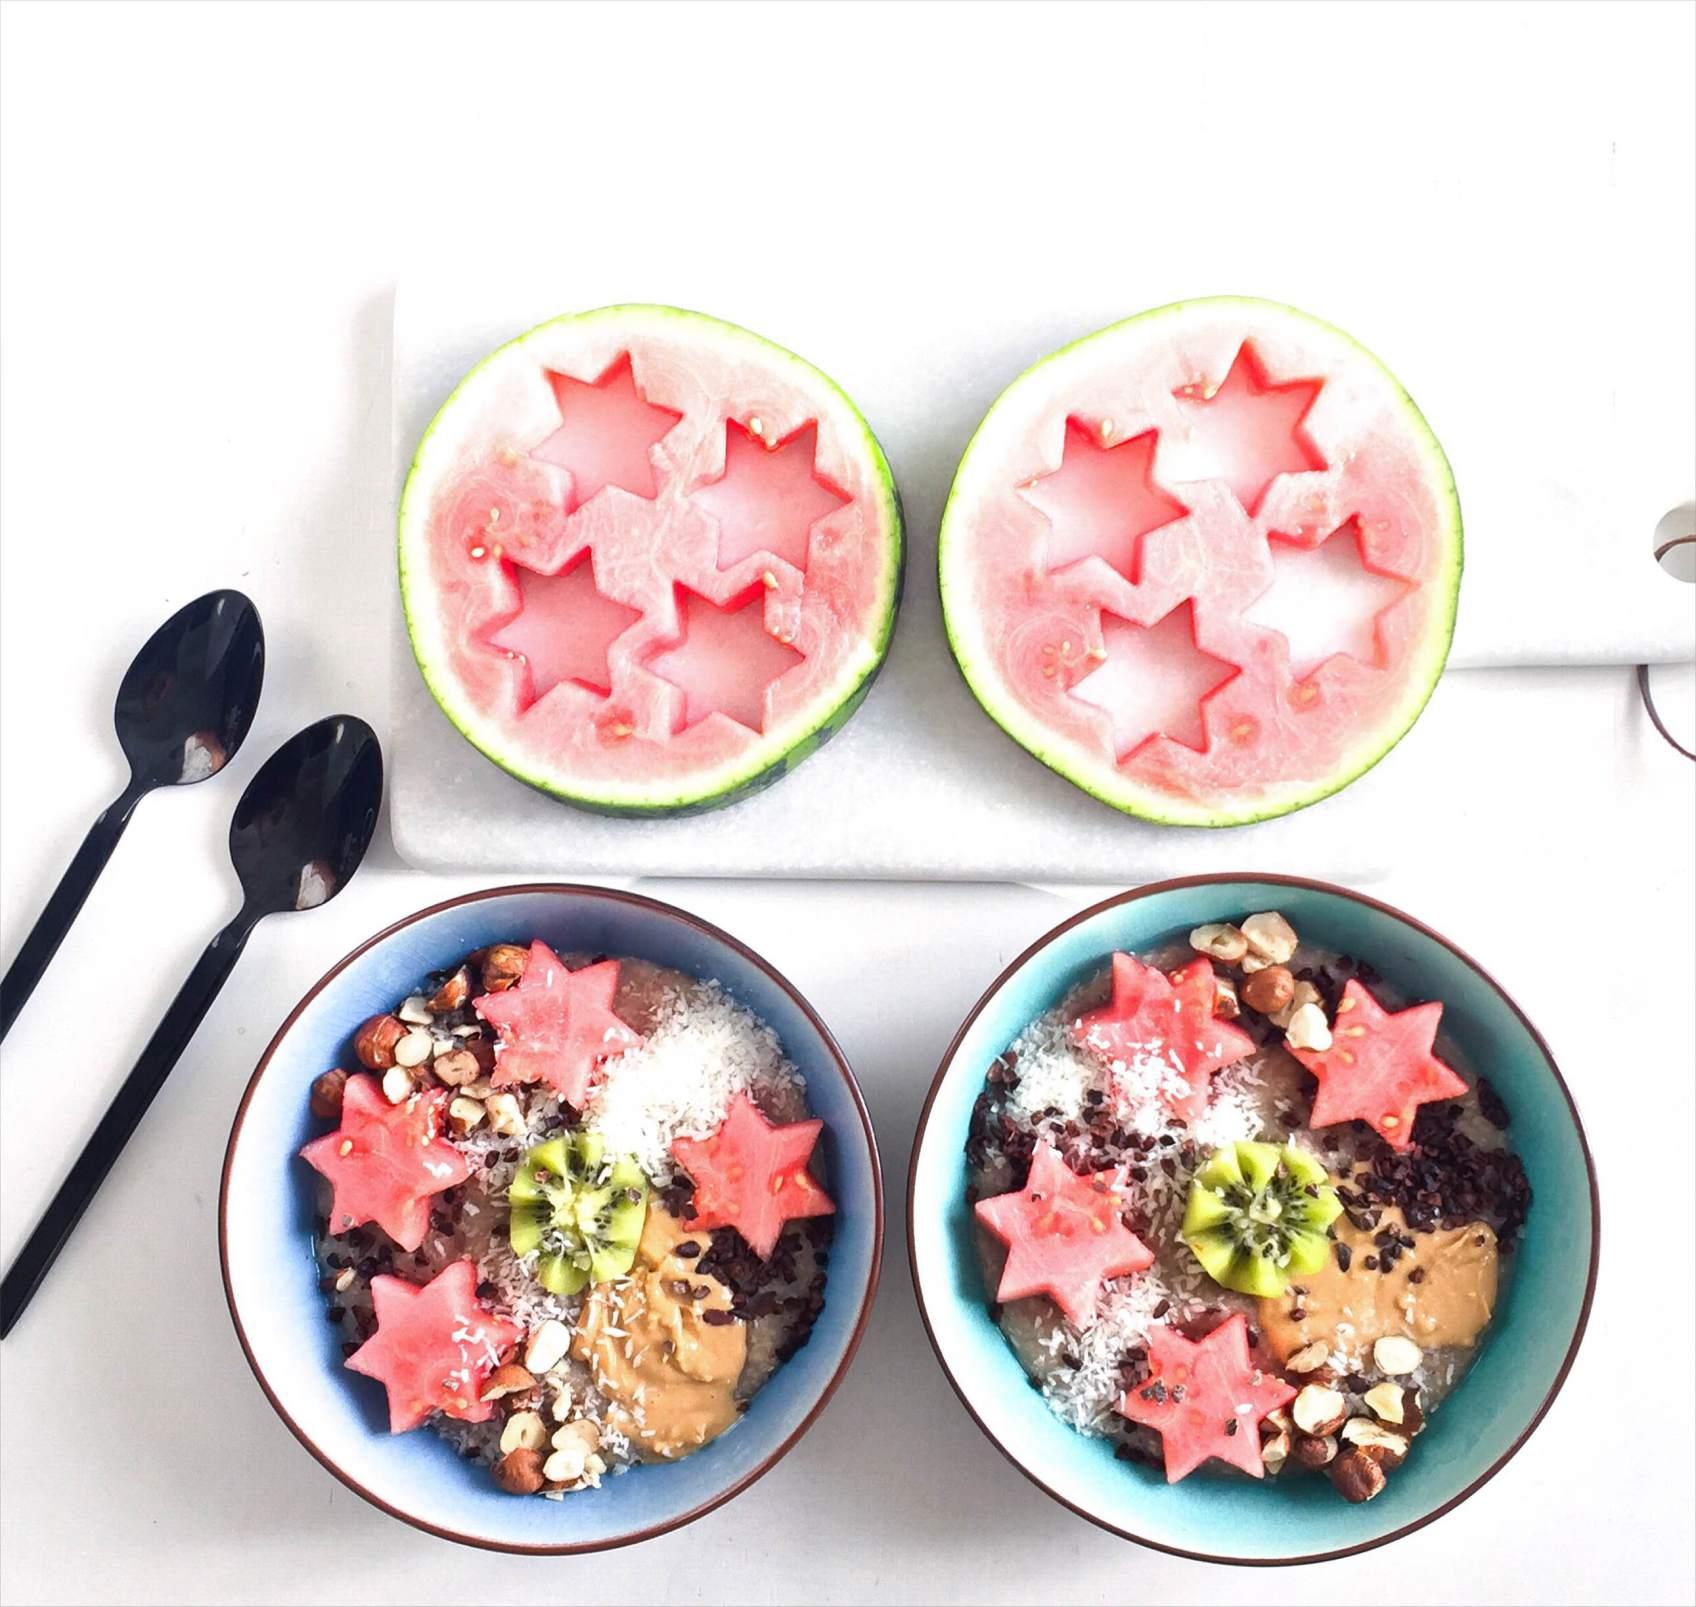 Boghvedegroed opskrift. Med frugt og en masse toppings. Vandmelon, kiwi, kokos og nøddesmør